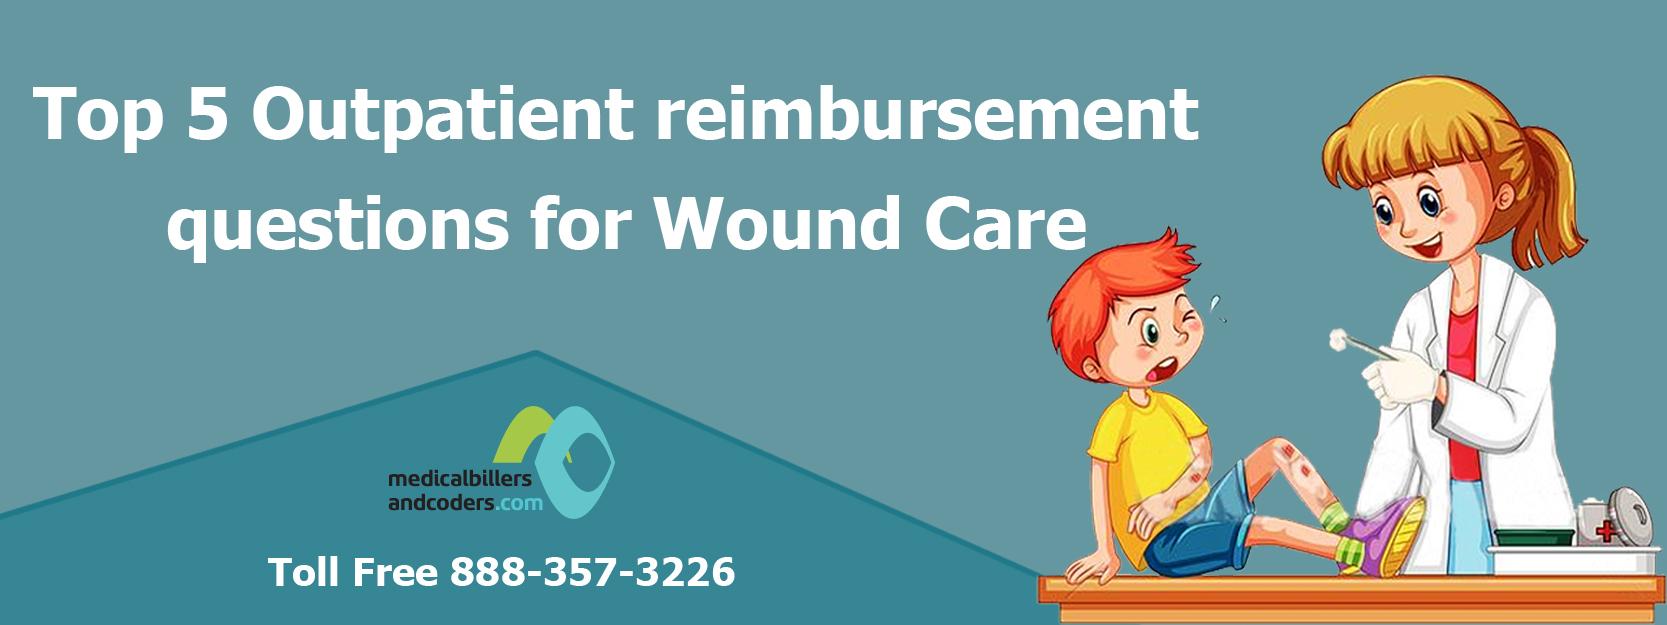 Outpatient reimbursement for Wound Care